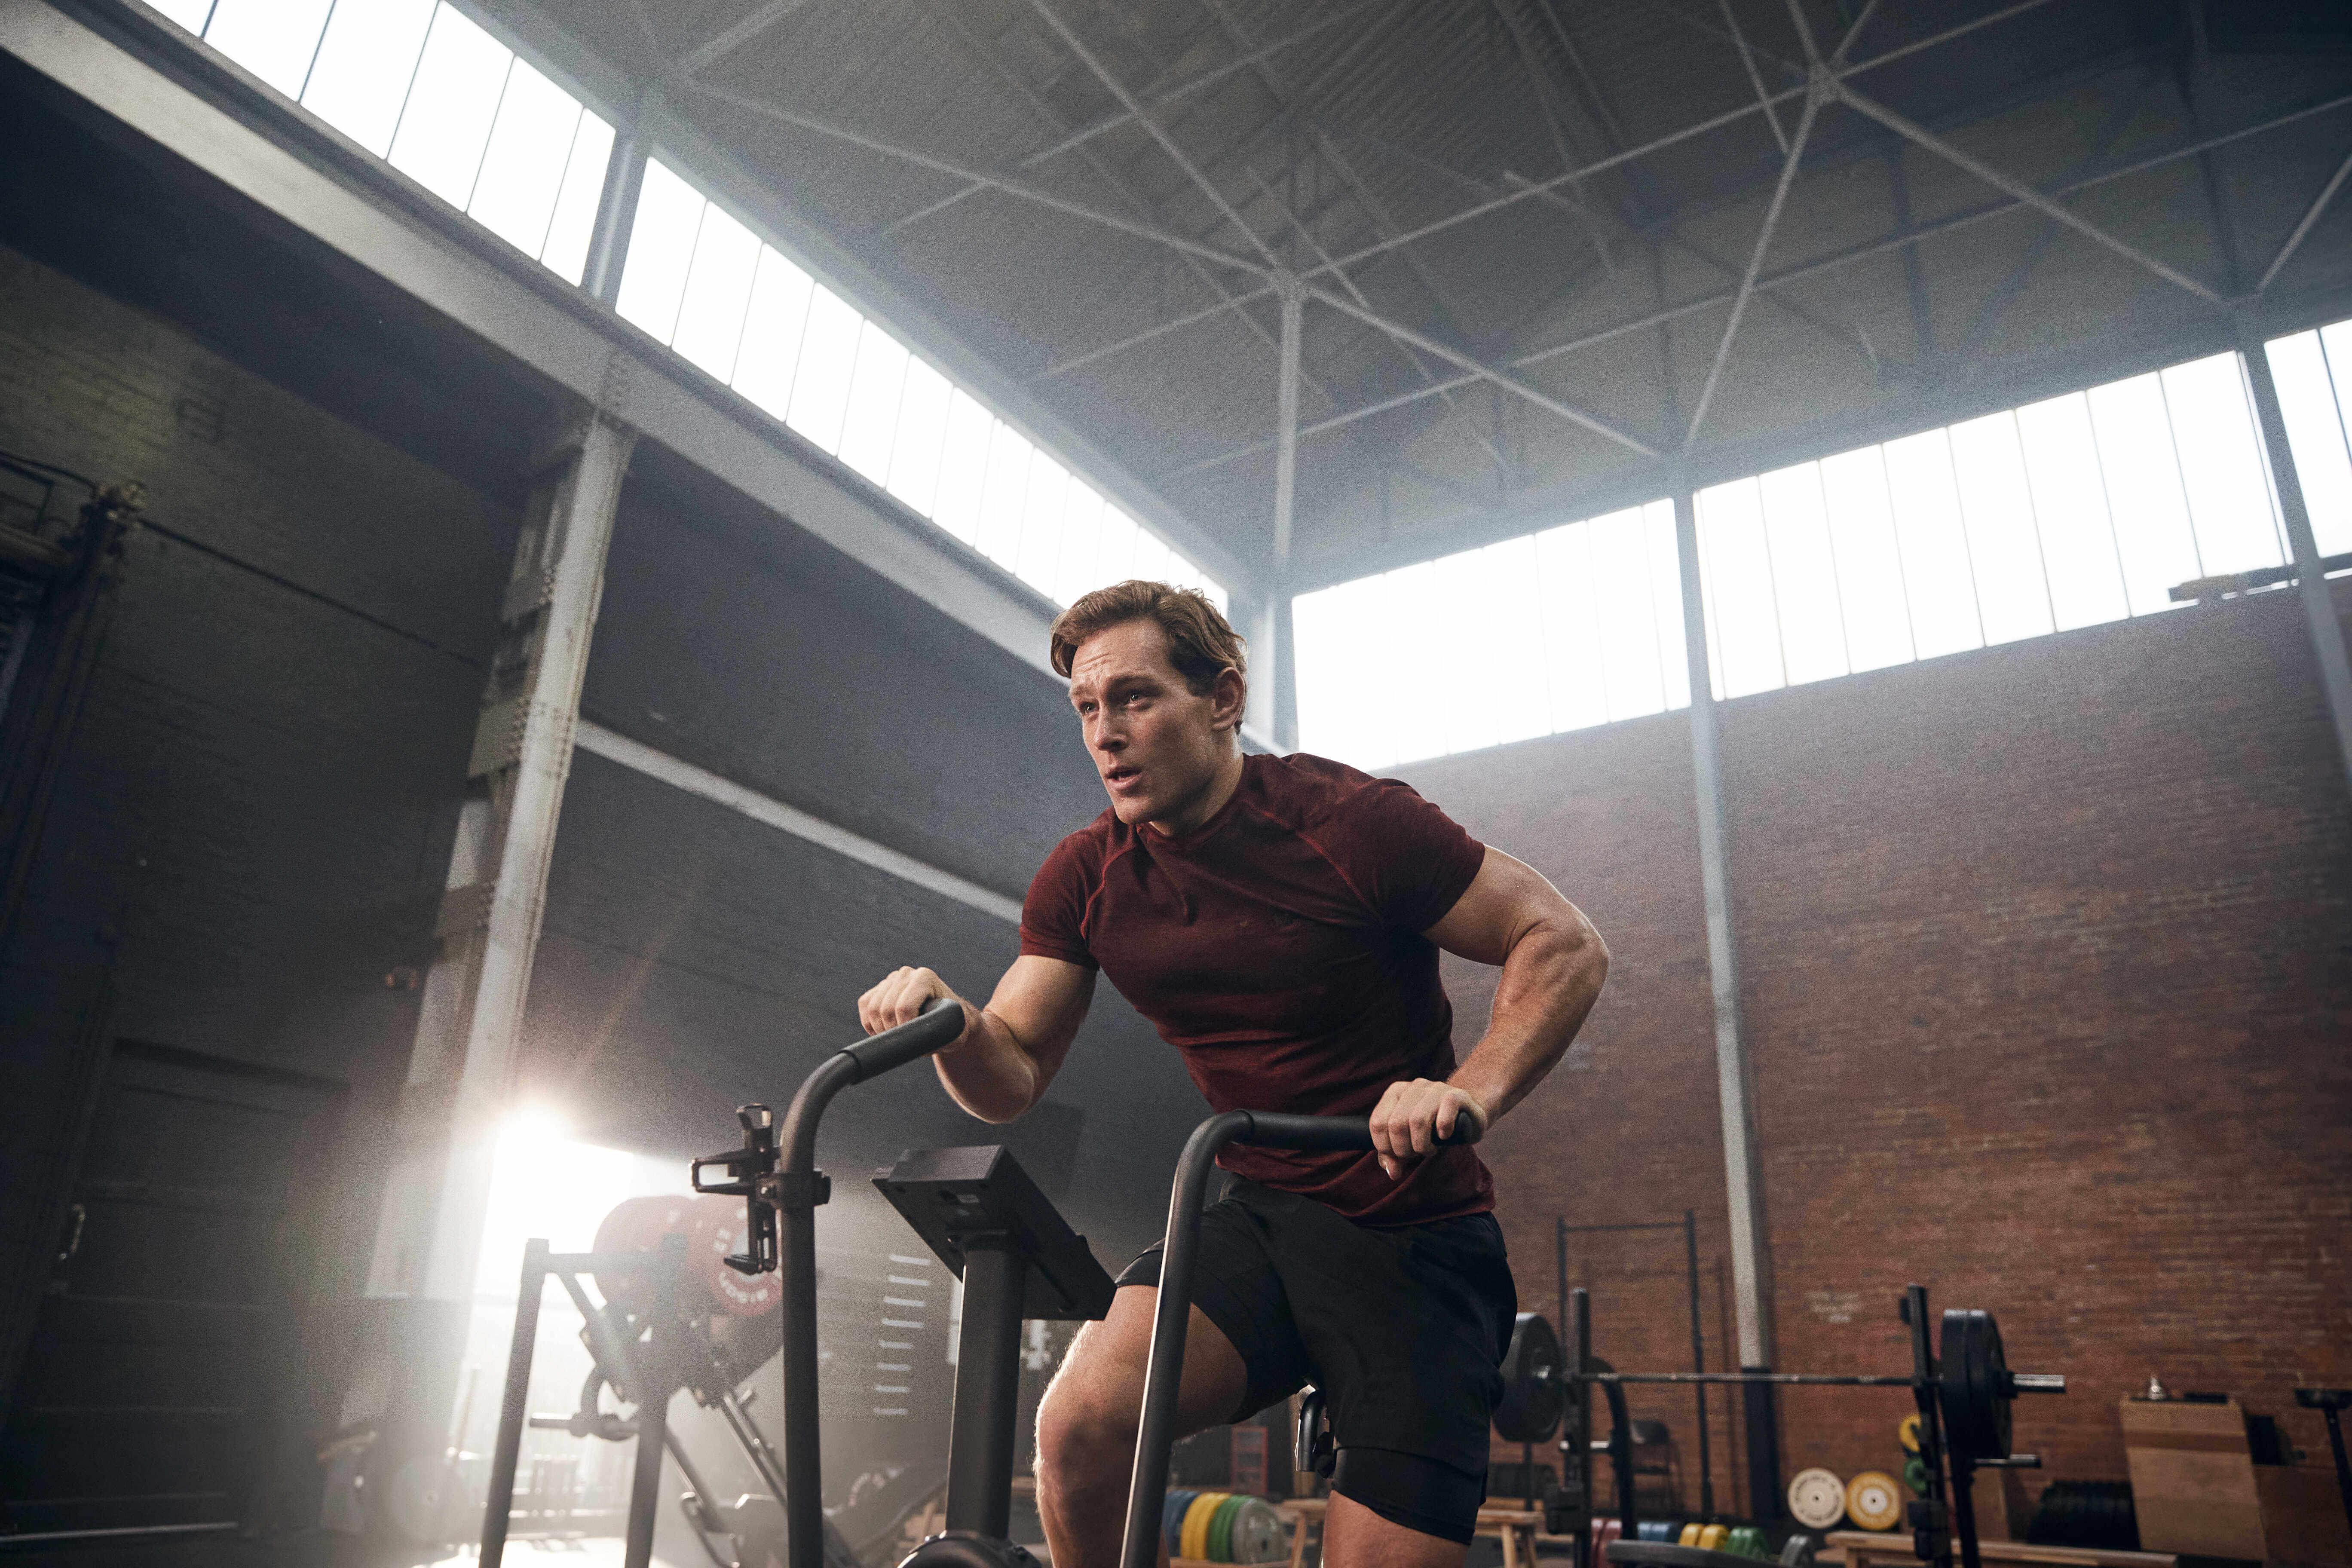 Volte à Tua rotina de exercícios